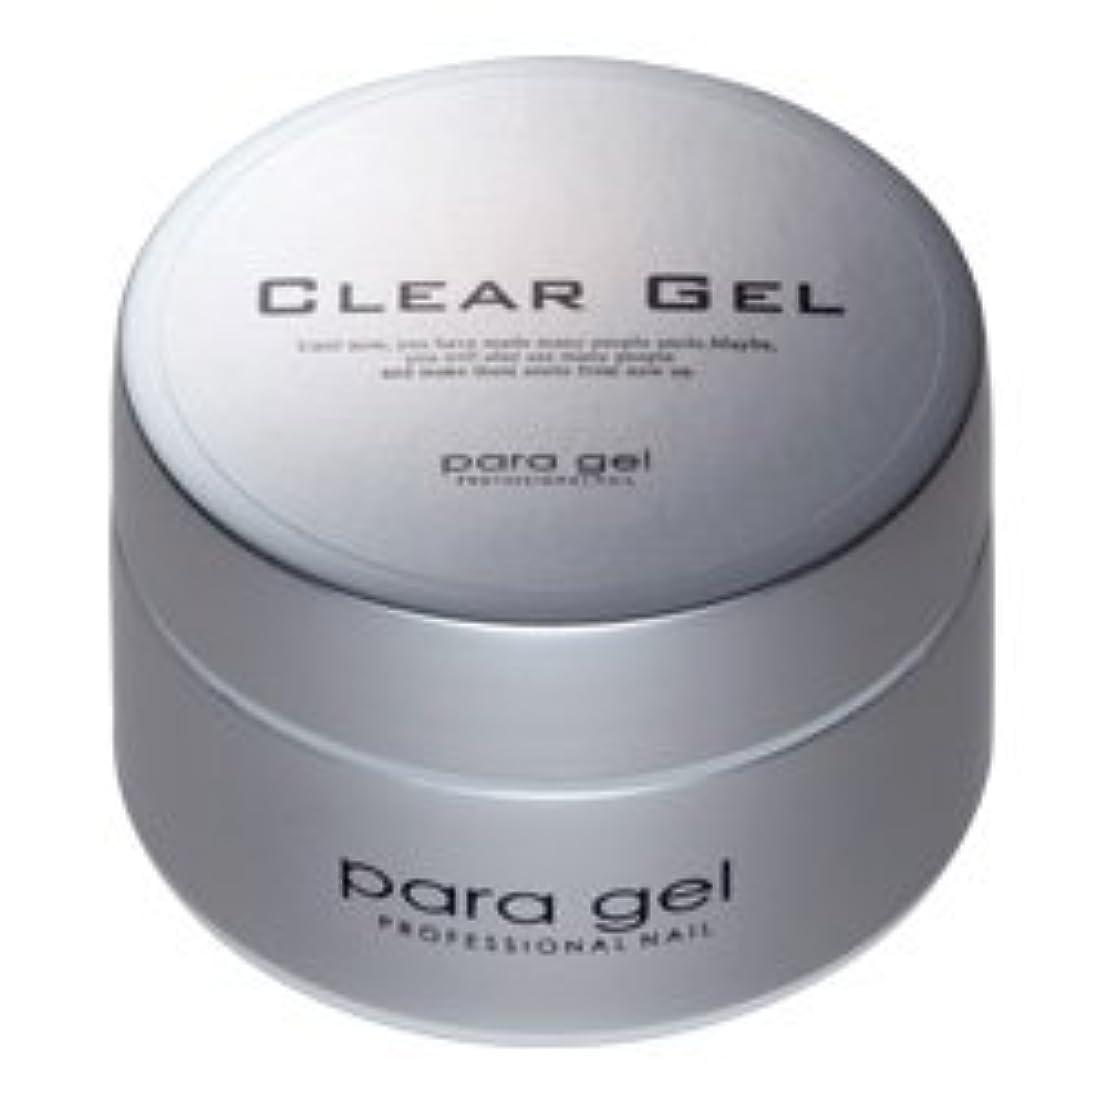 オープナーロープ小包★para gel(パラジェル) <BR>クリアジェル 10g